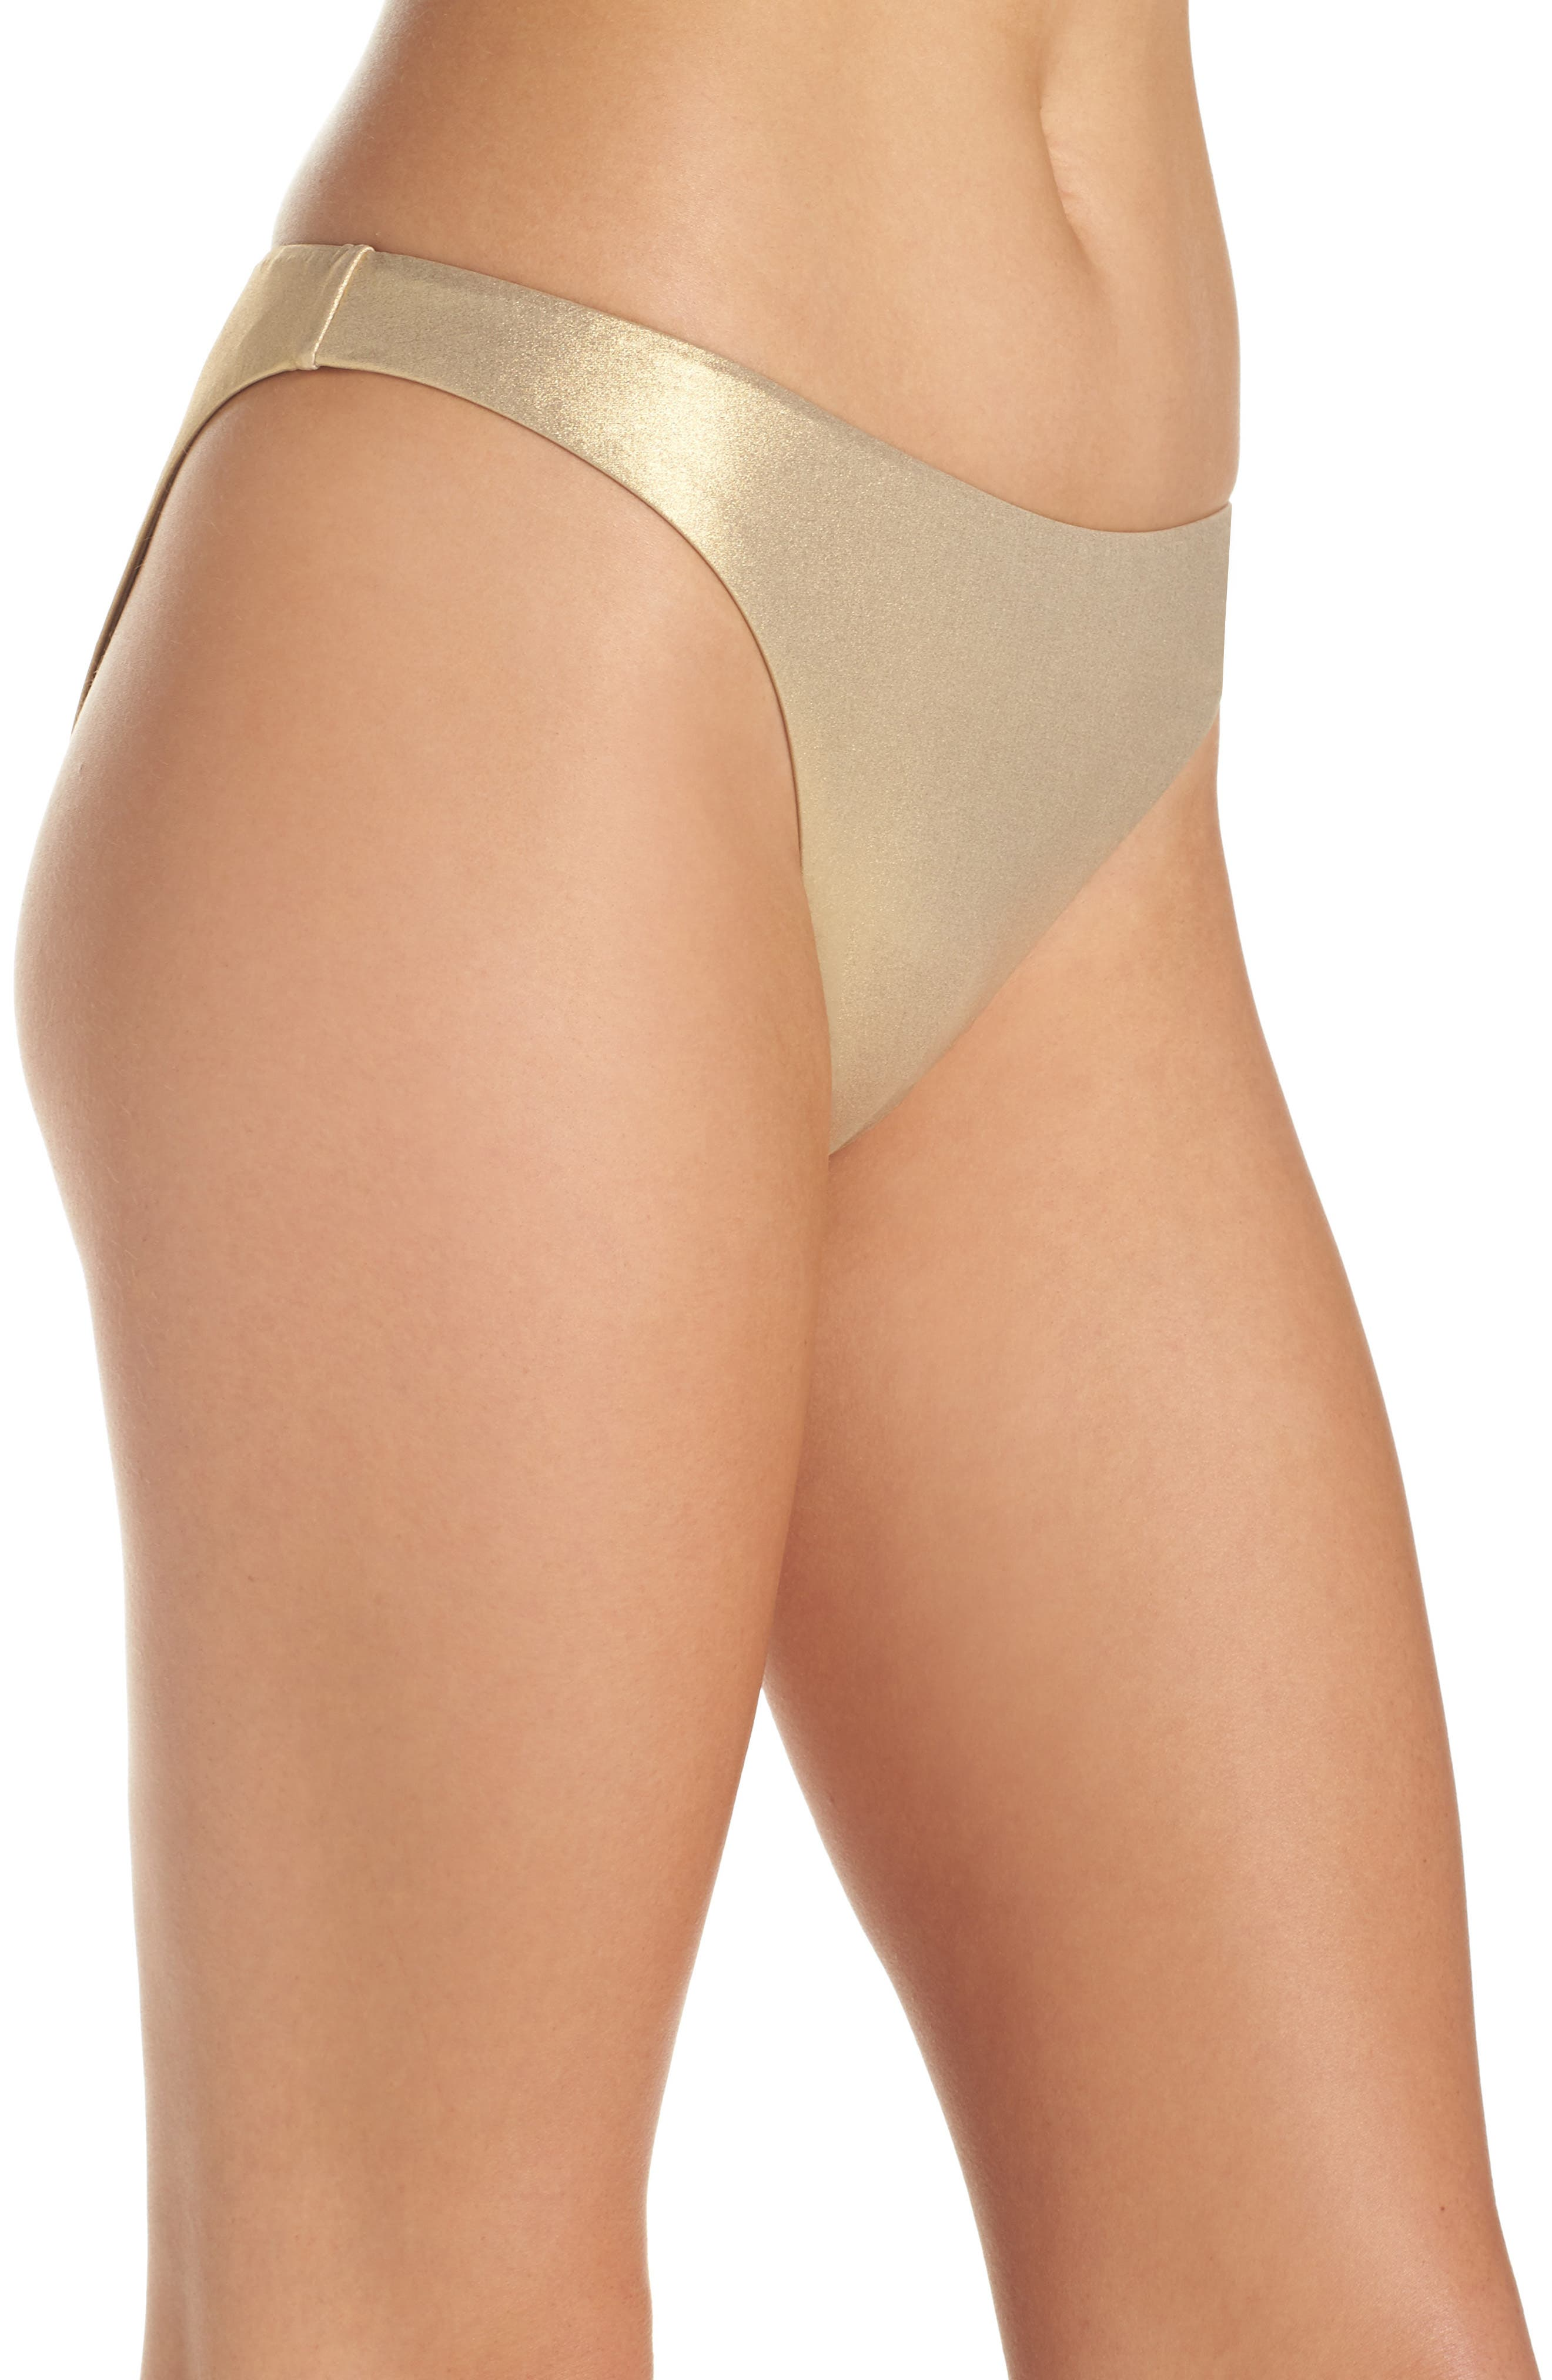 Golden Medallion Bikini Bottoms,                             Alternate thumbnail 3, color,                             710